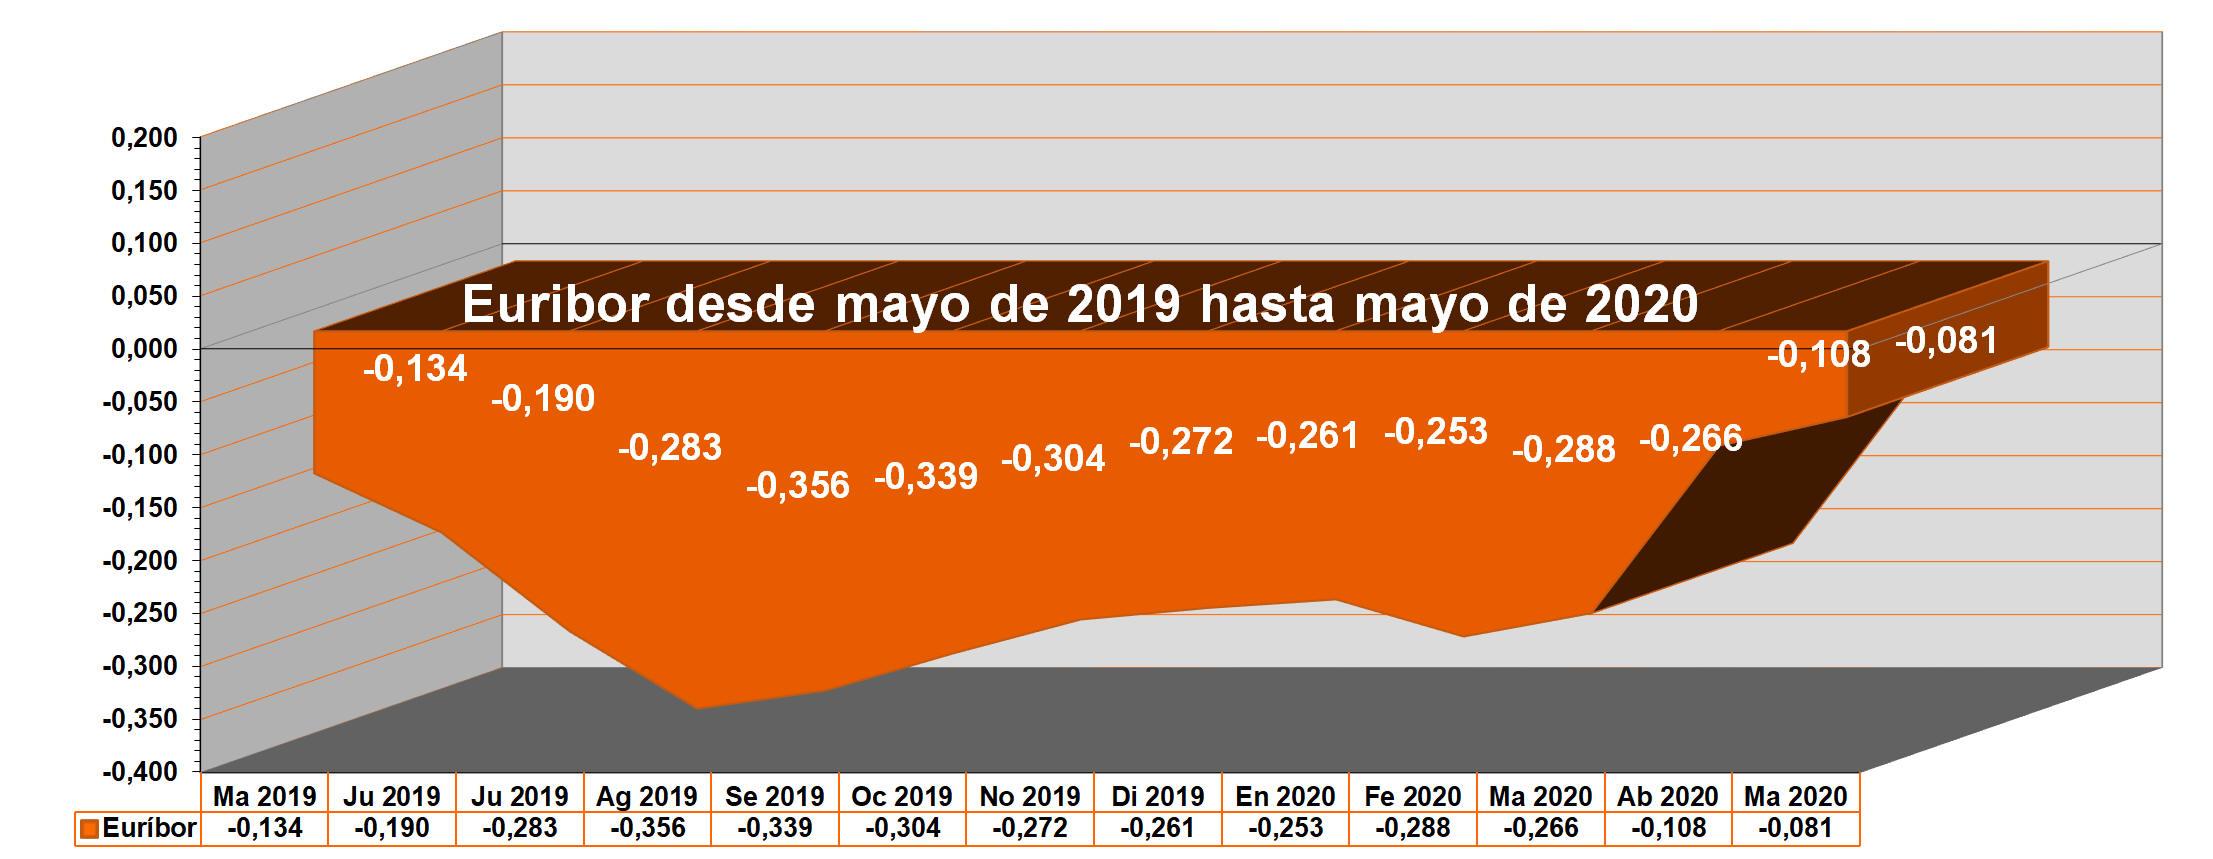 Gráfico anual del Euribor desde mayo de 2019 hasta mayo de 2020.